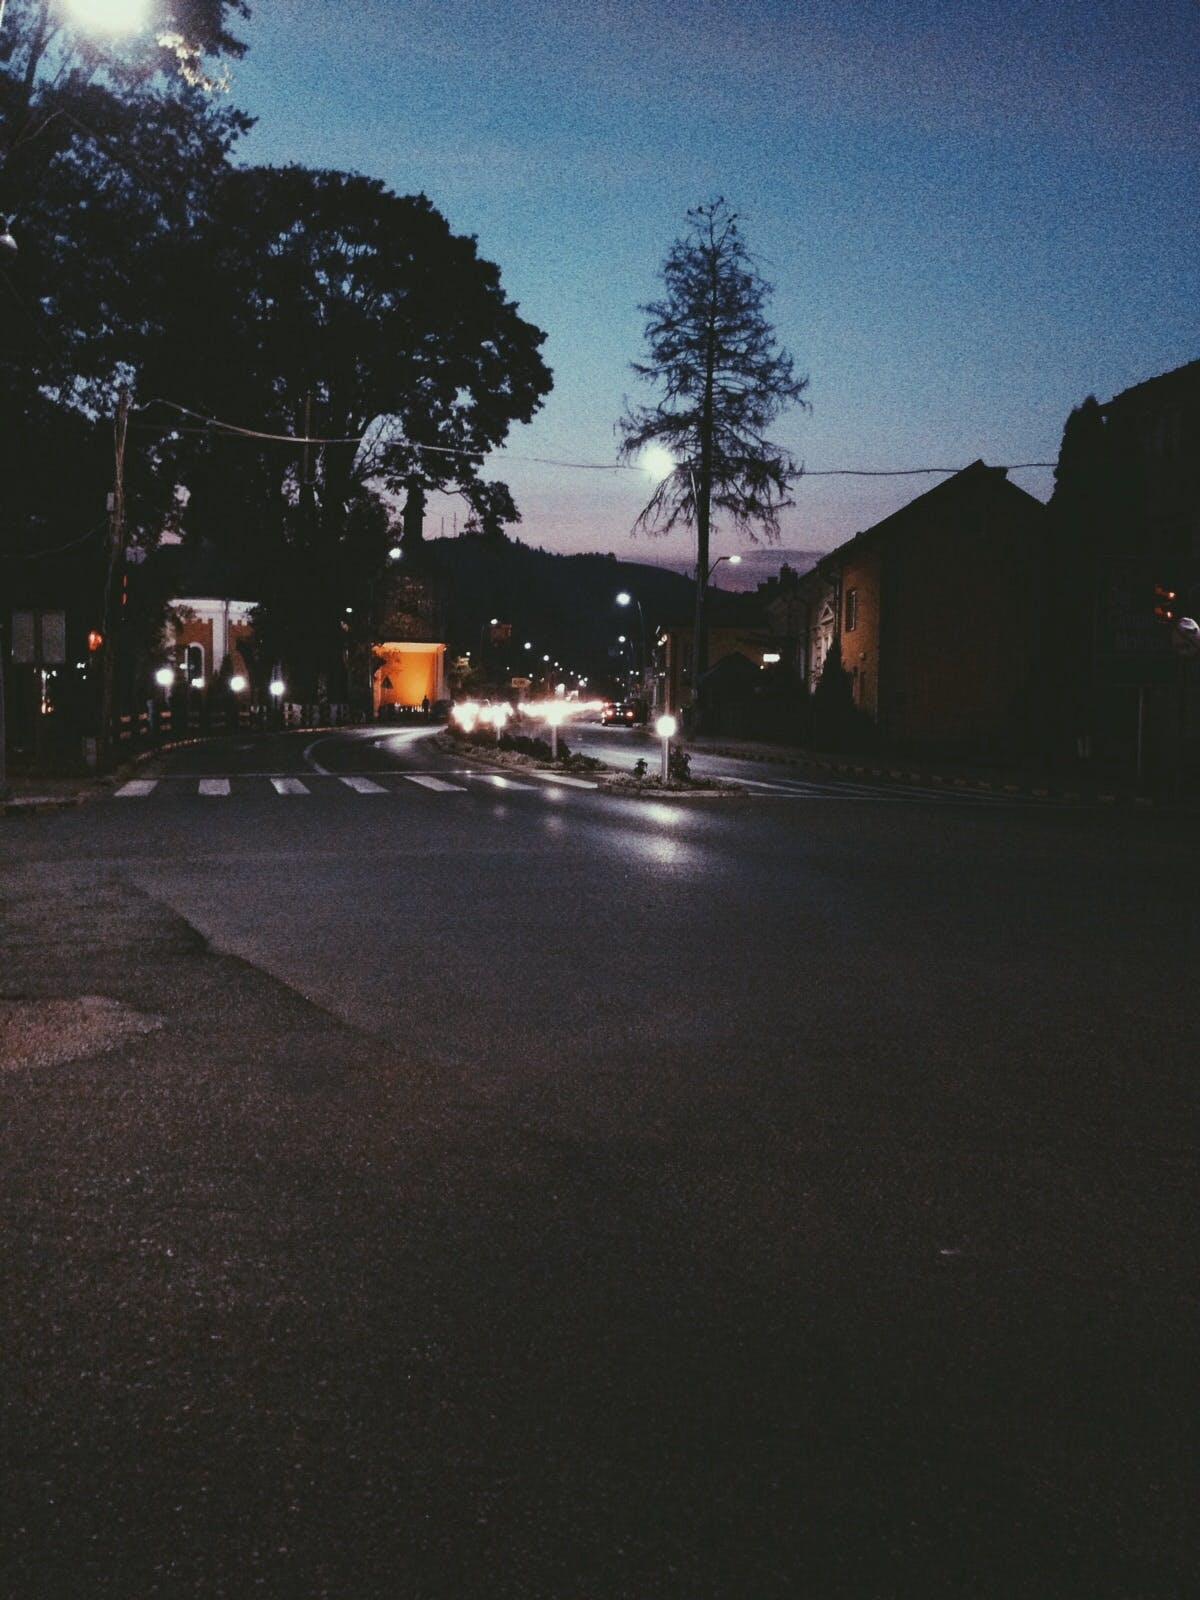 Free stock photo of sunset, lights, autumn, walk